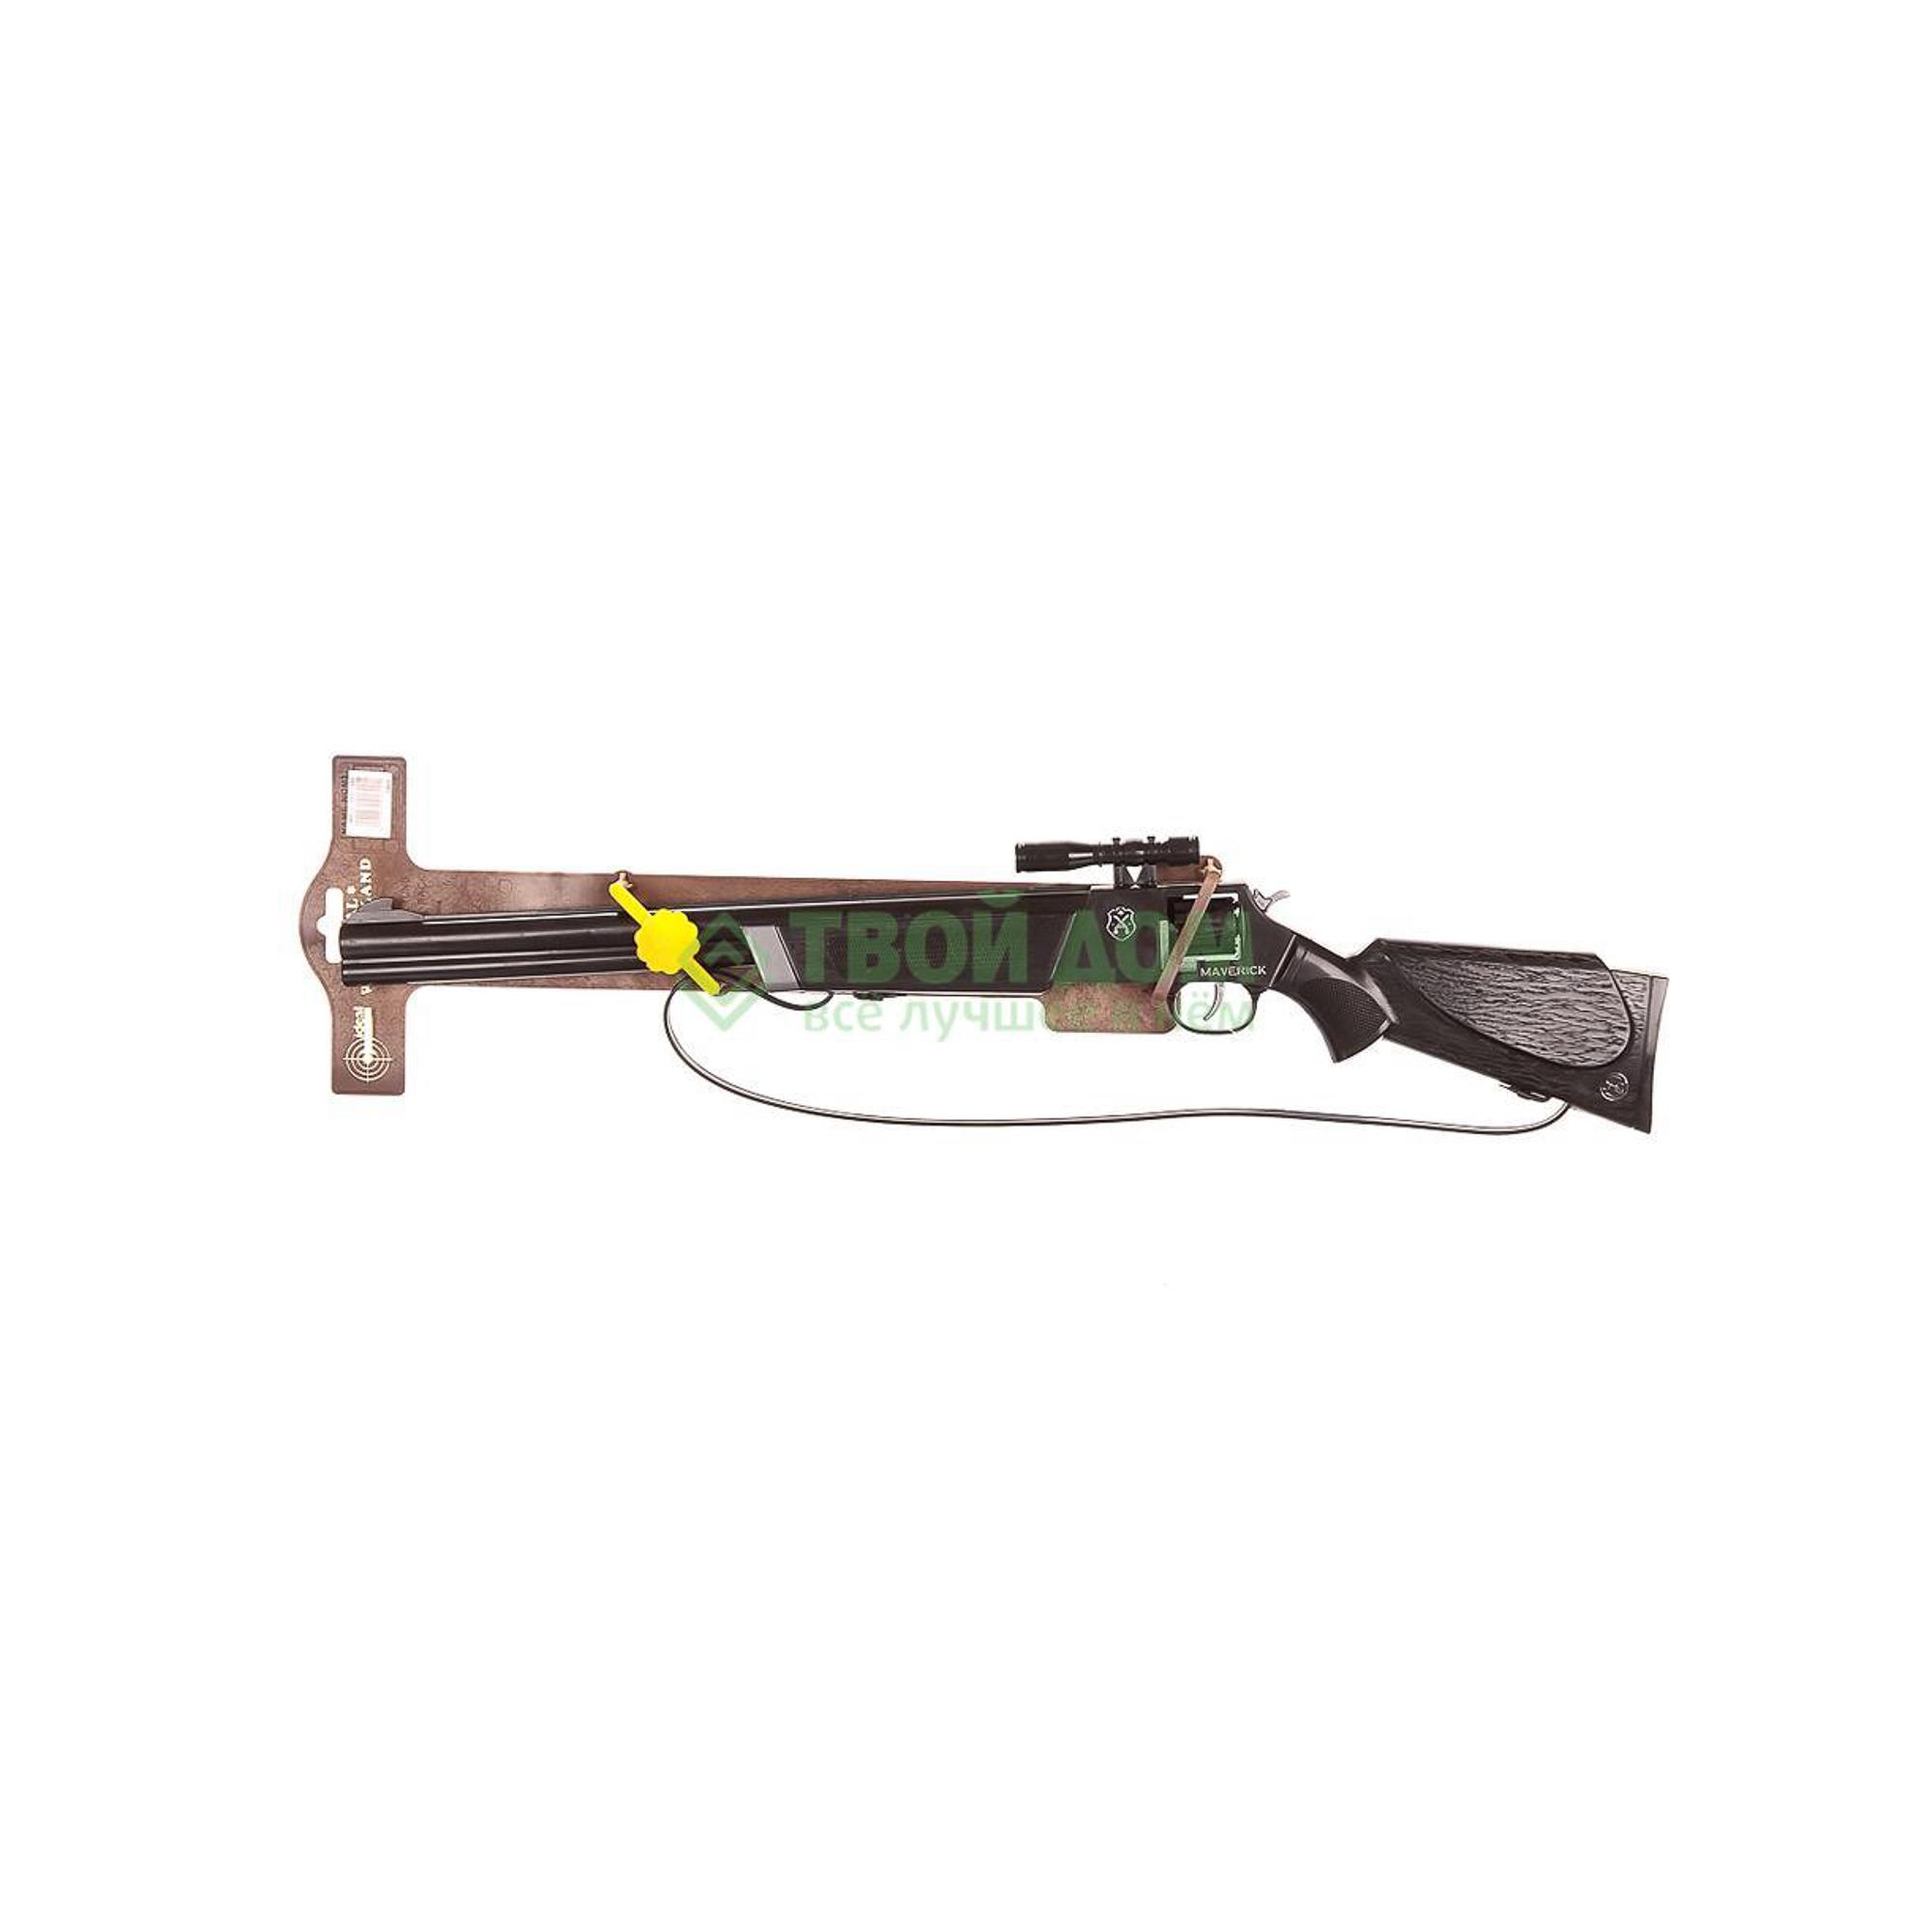 Купить Ружье Schrodel Ружье maverick 60см 8-shot, Испания, черный, темно-коричневый, металл, пластик, Оружие